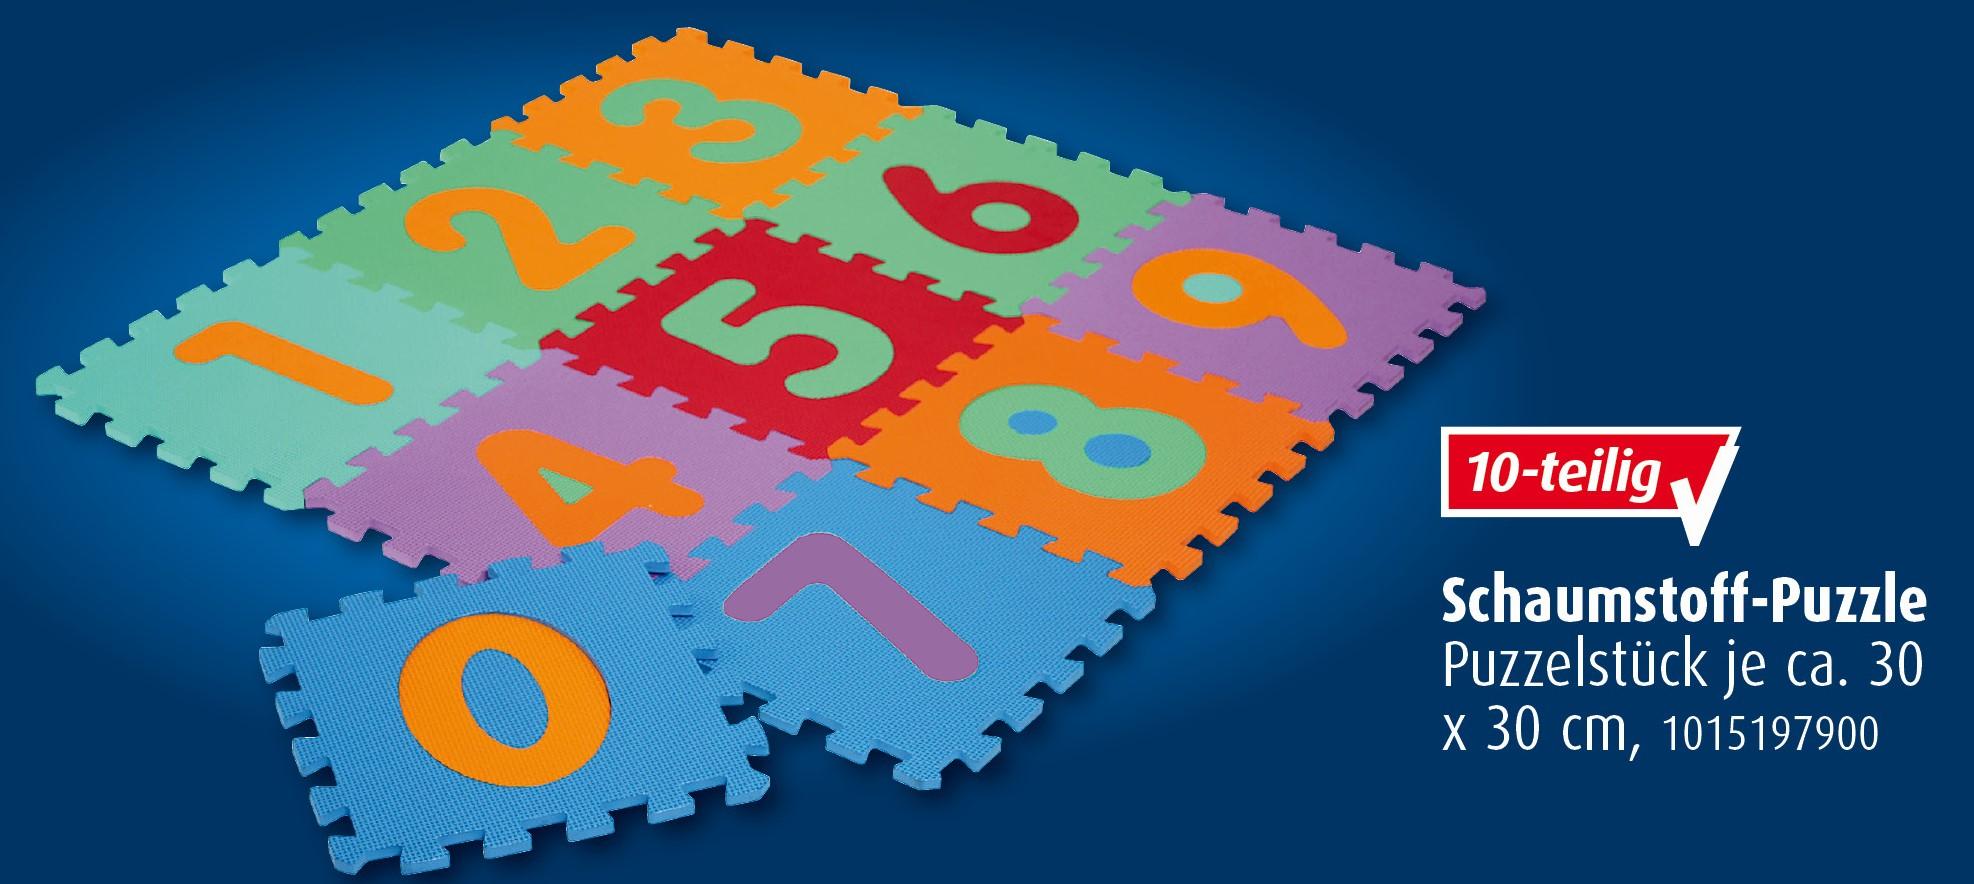 Rückruf Gesundheitsgefahr Möbel Roller Ruft Puzzlematten Zurück